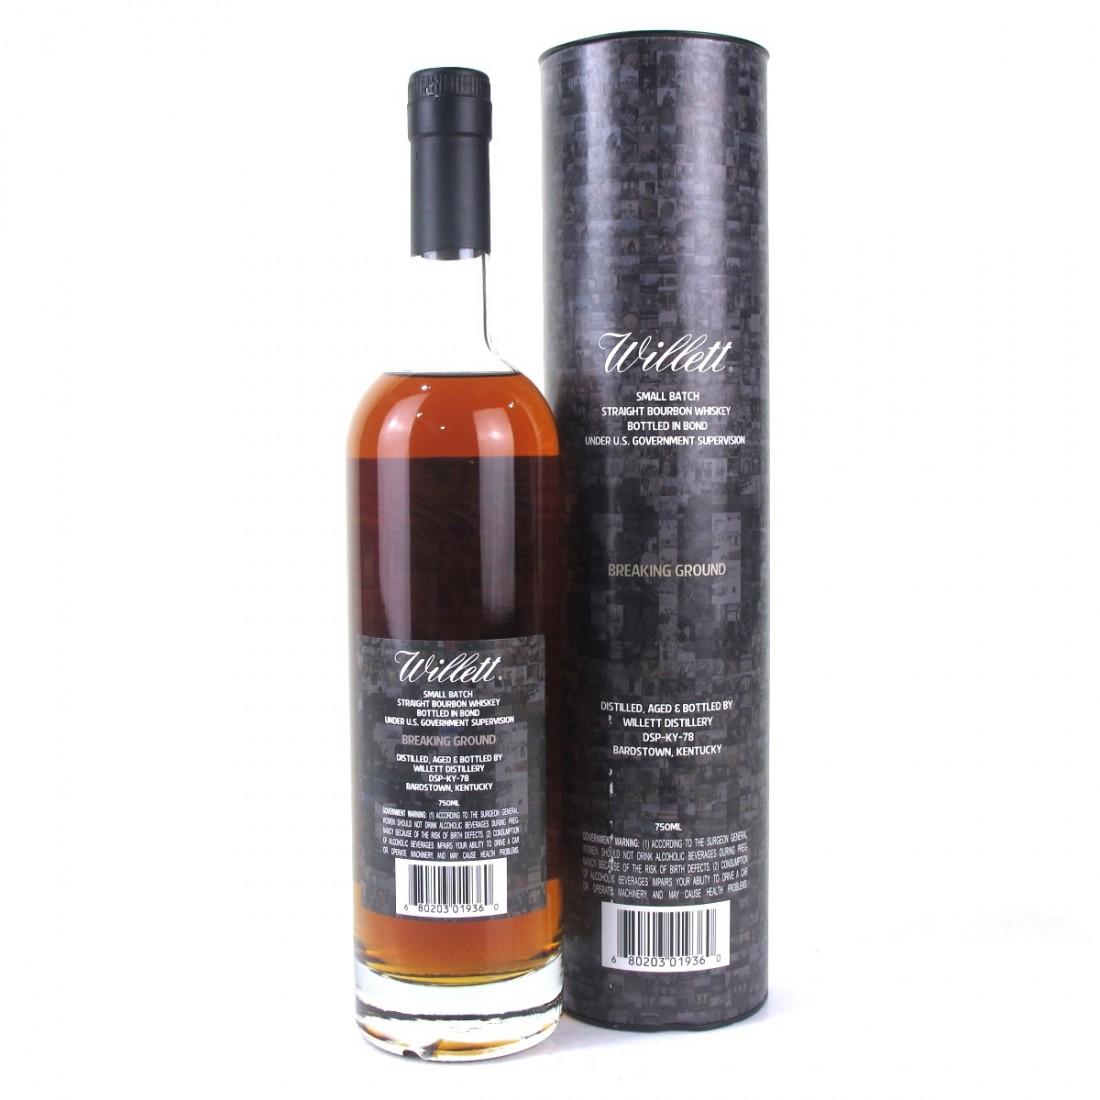 Willett 80th Anniversary 4 Year Old Bourbon